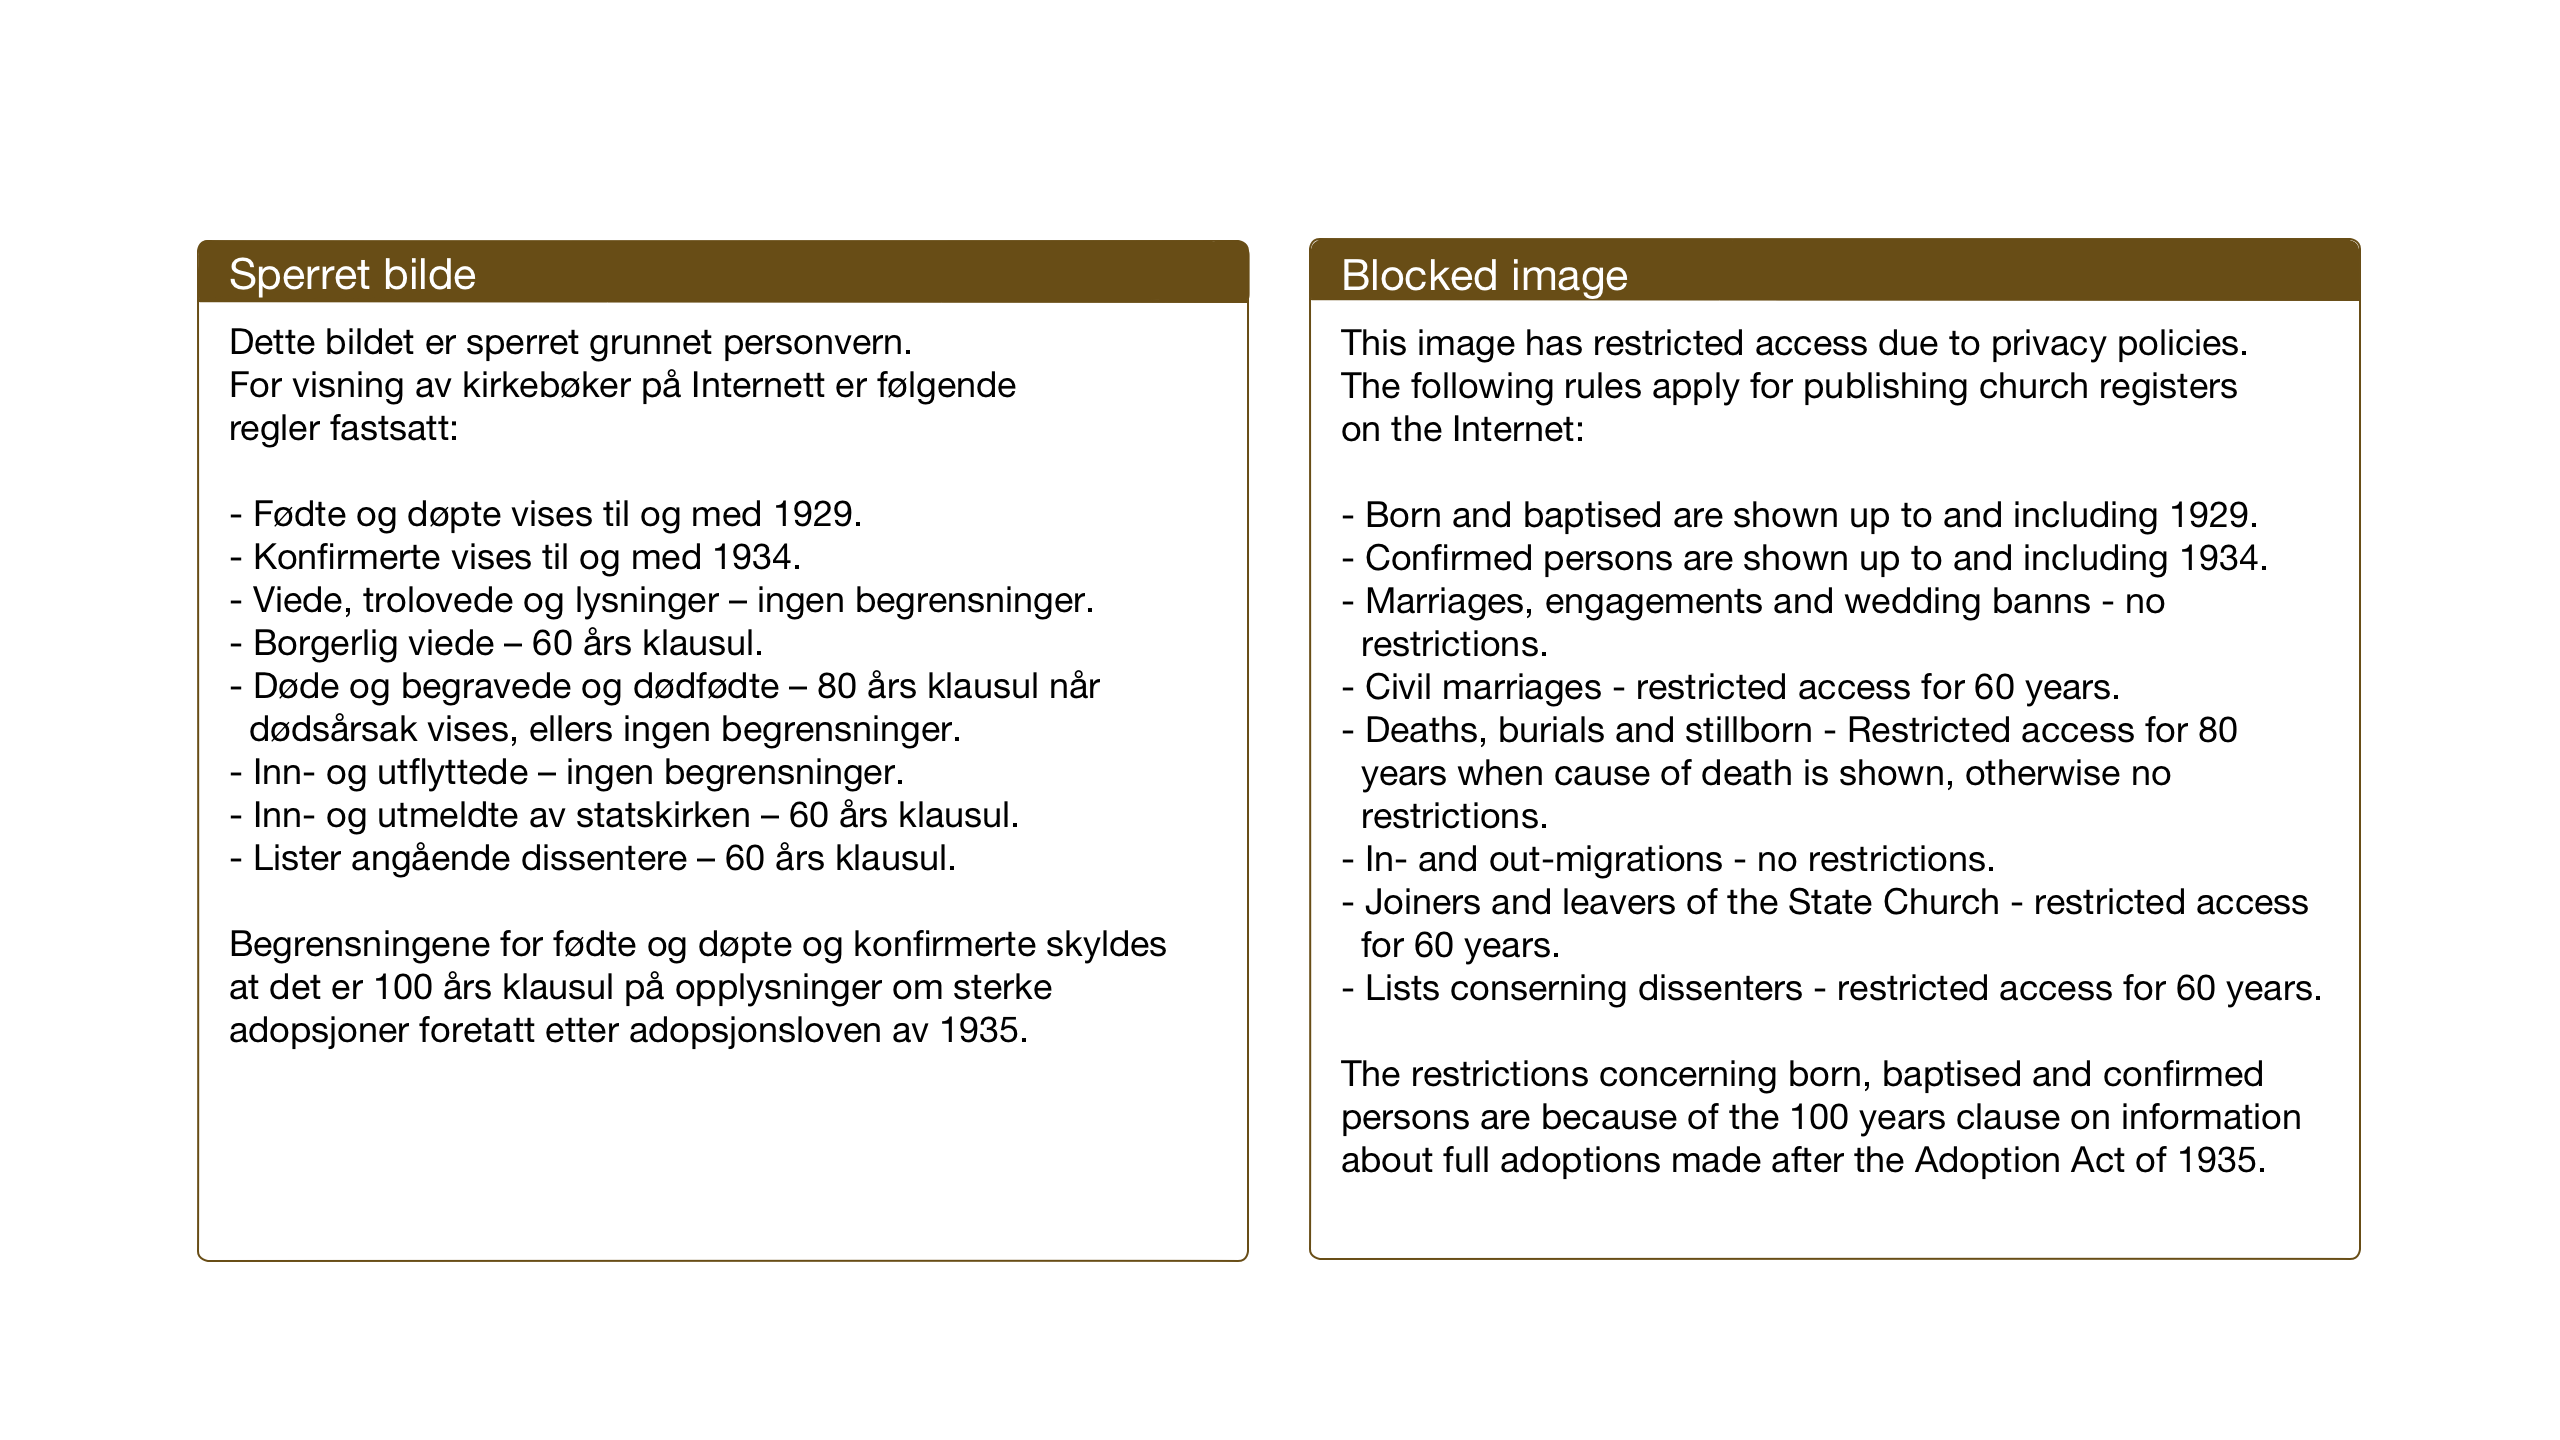 SAT, Ministerialprotokoller, klokkerbøker og fødselsregistre - Sør-Trøndelag, 655/L0690: Klokkerbok nr. 655C06, 1937-1950, s. 87